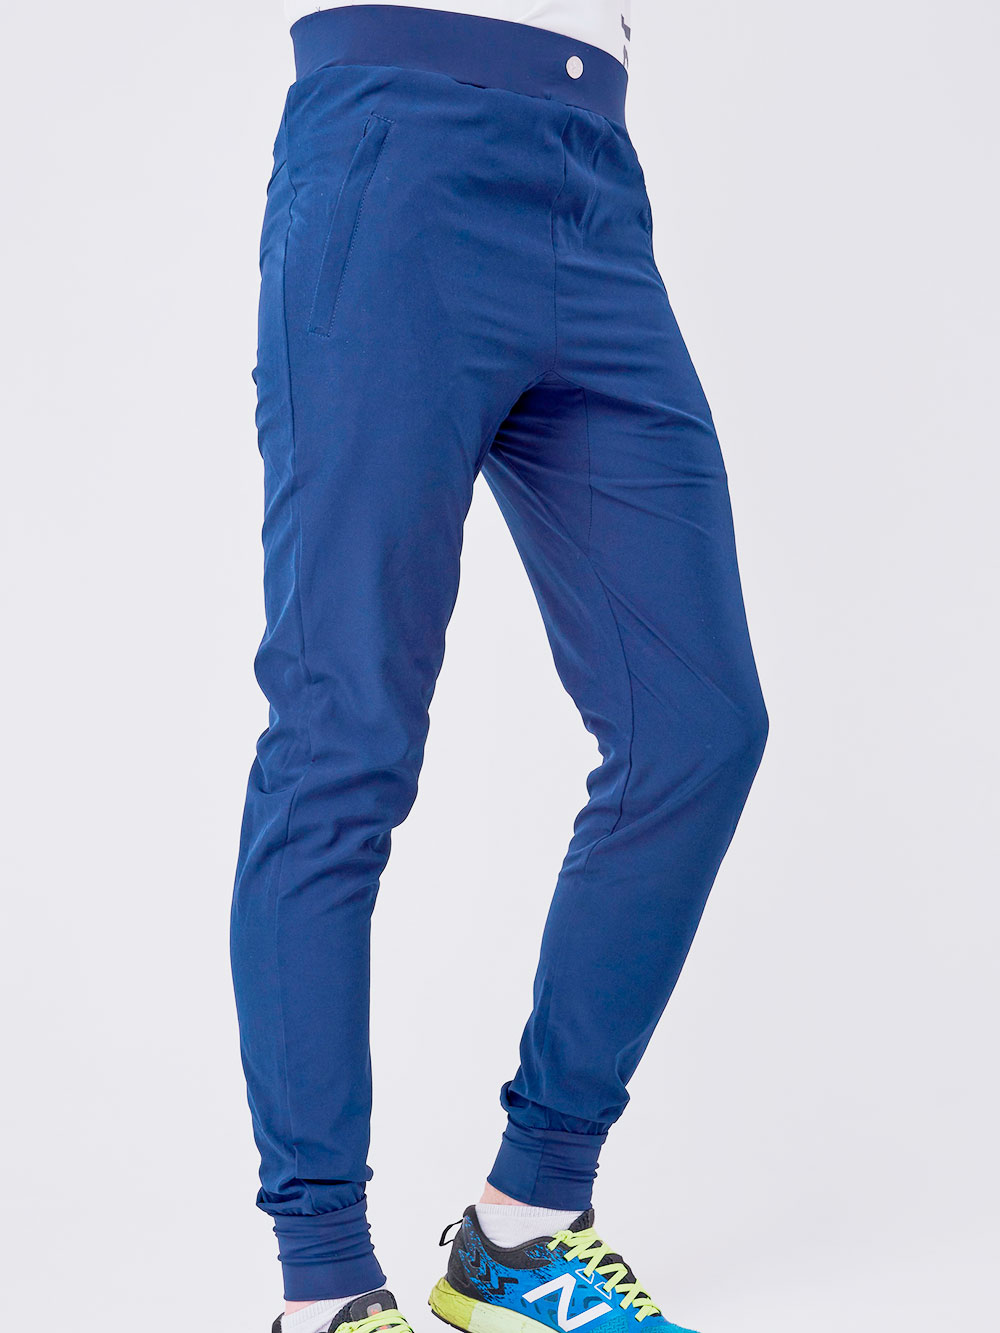 Вторые брюки вколлекции называются «Арбога». Уних более повседневный вид, чем у«Джеди», широкий крой идекоративная пуговица напоясе